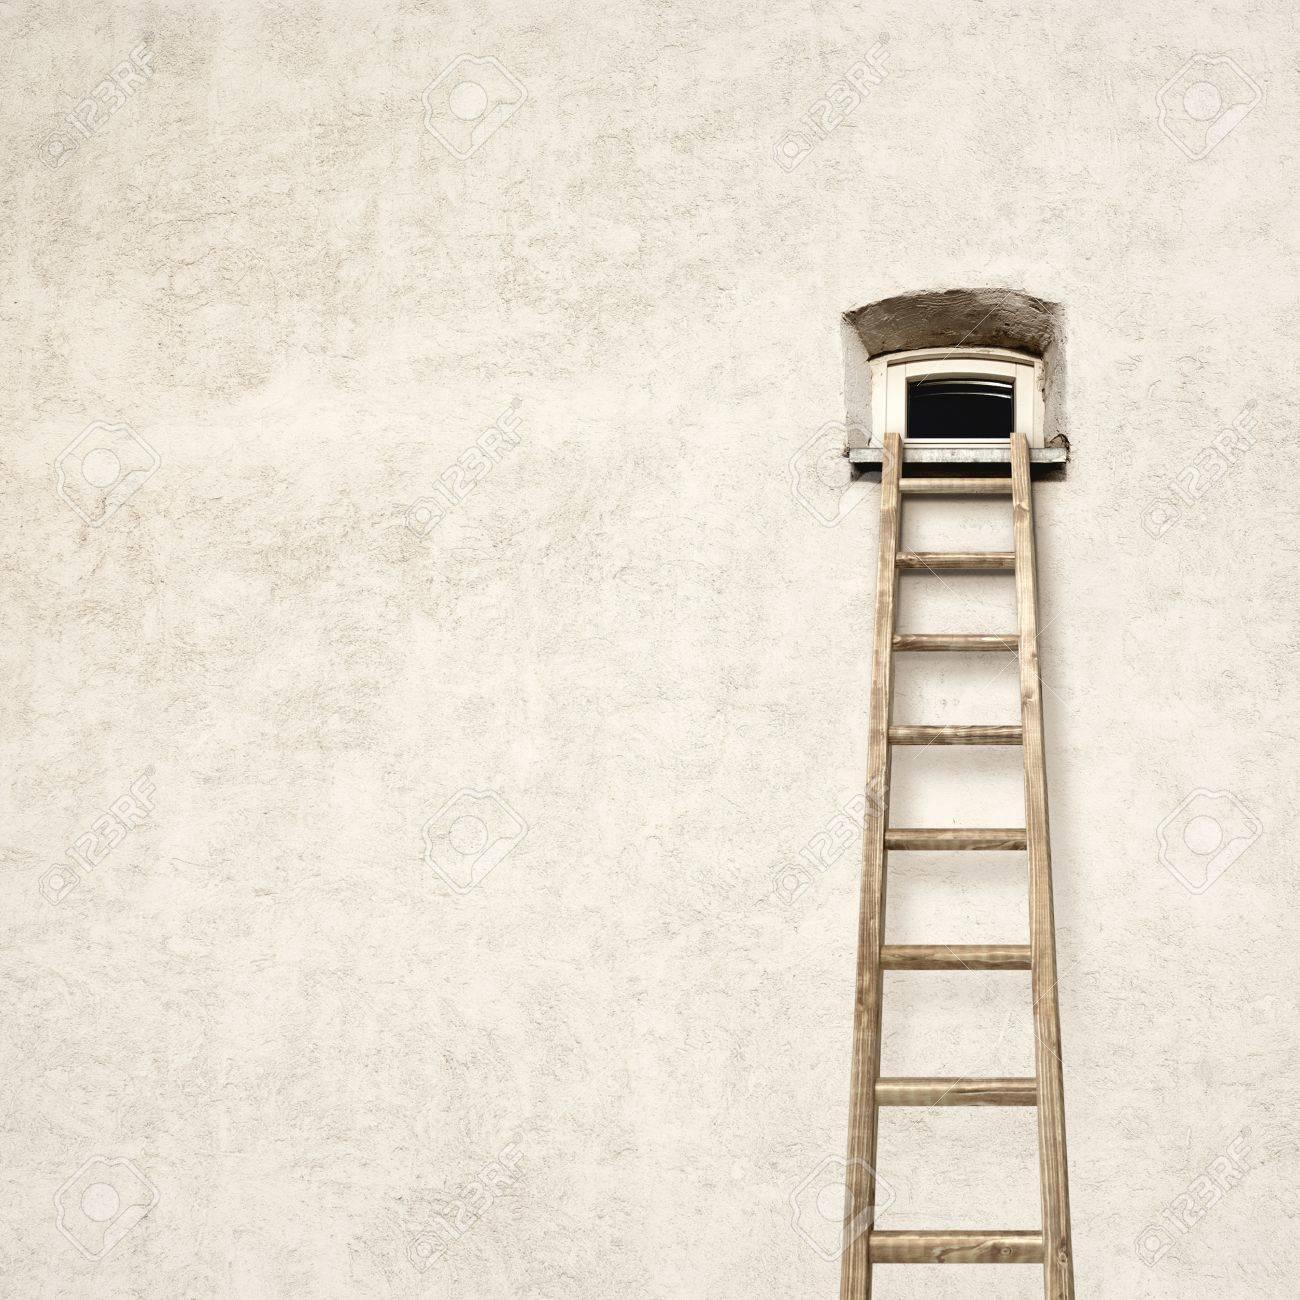 vieille fissure mur avec une petite fenetre et echelle en bois